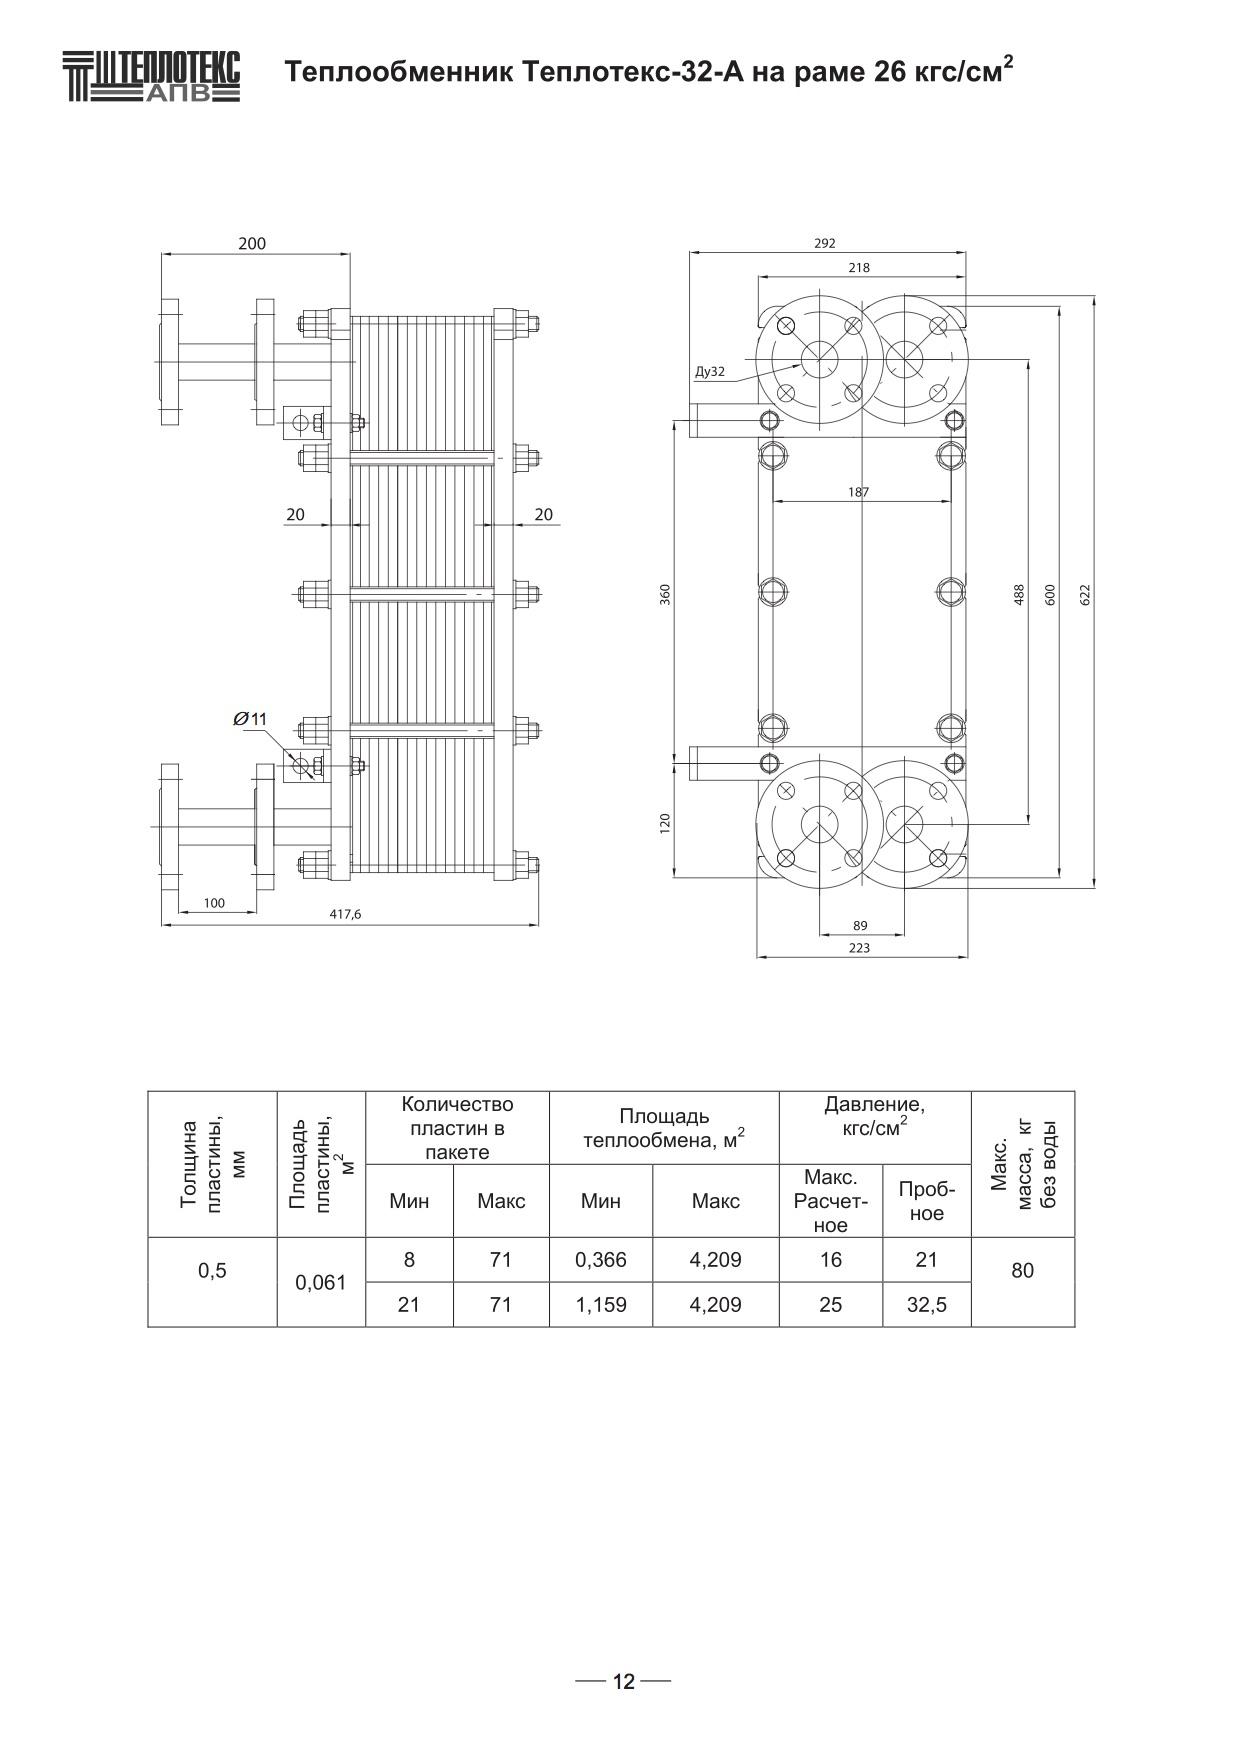 Уплотнения теплообменника Теплотекс 32A Тюмень теплообменник ридан назначение